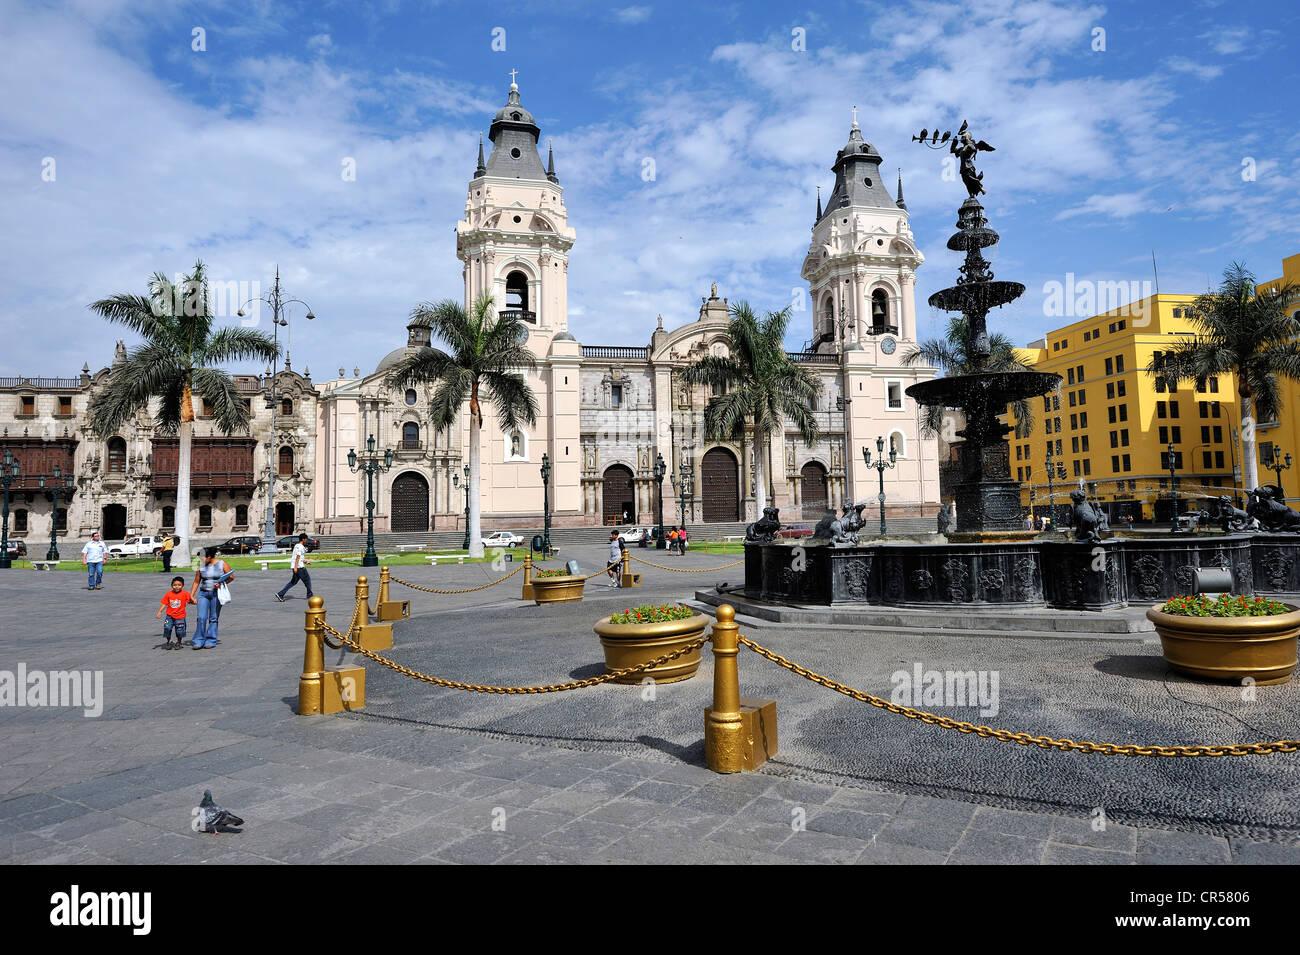 Cattedrale di Plaza Mayor e Plaza de Armas, Lima, Sito Patrimonio Mondiale dell'UNESCO, Perù, Sud America Immagini Stock